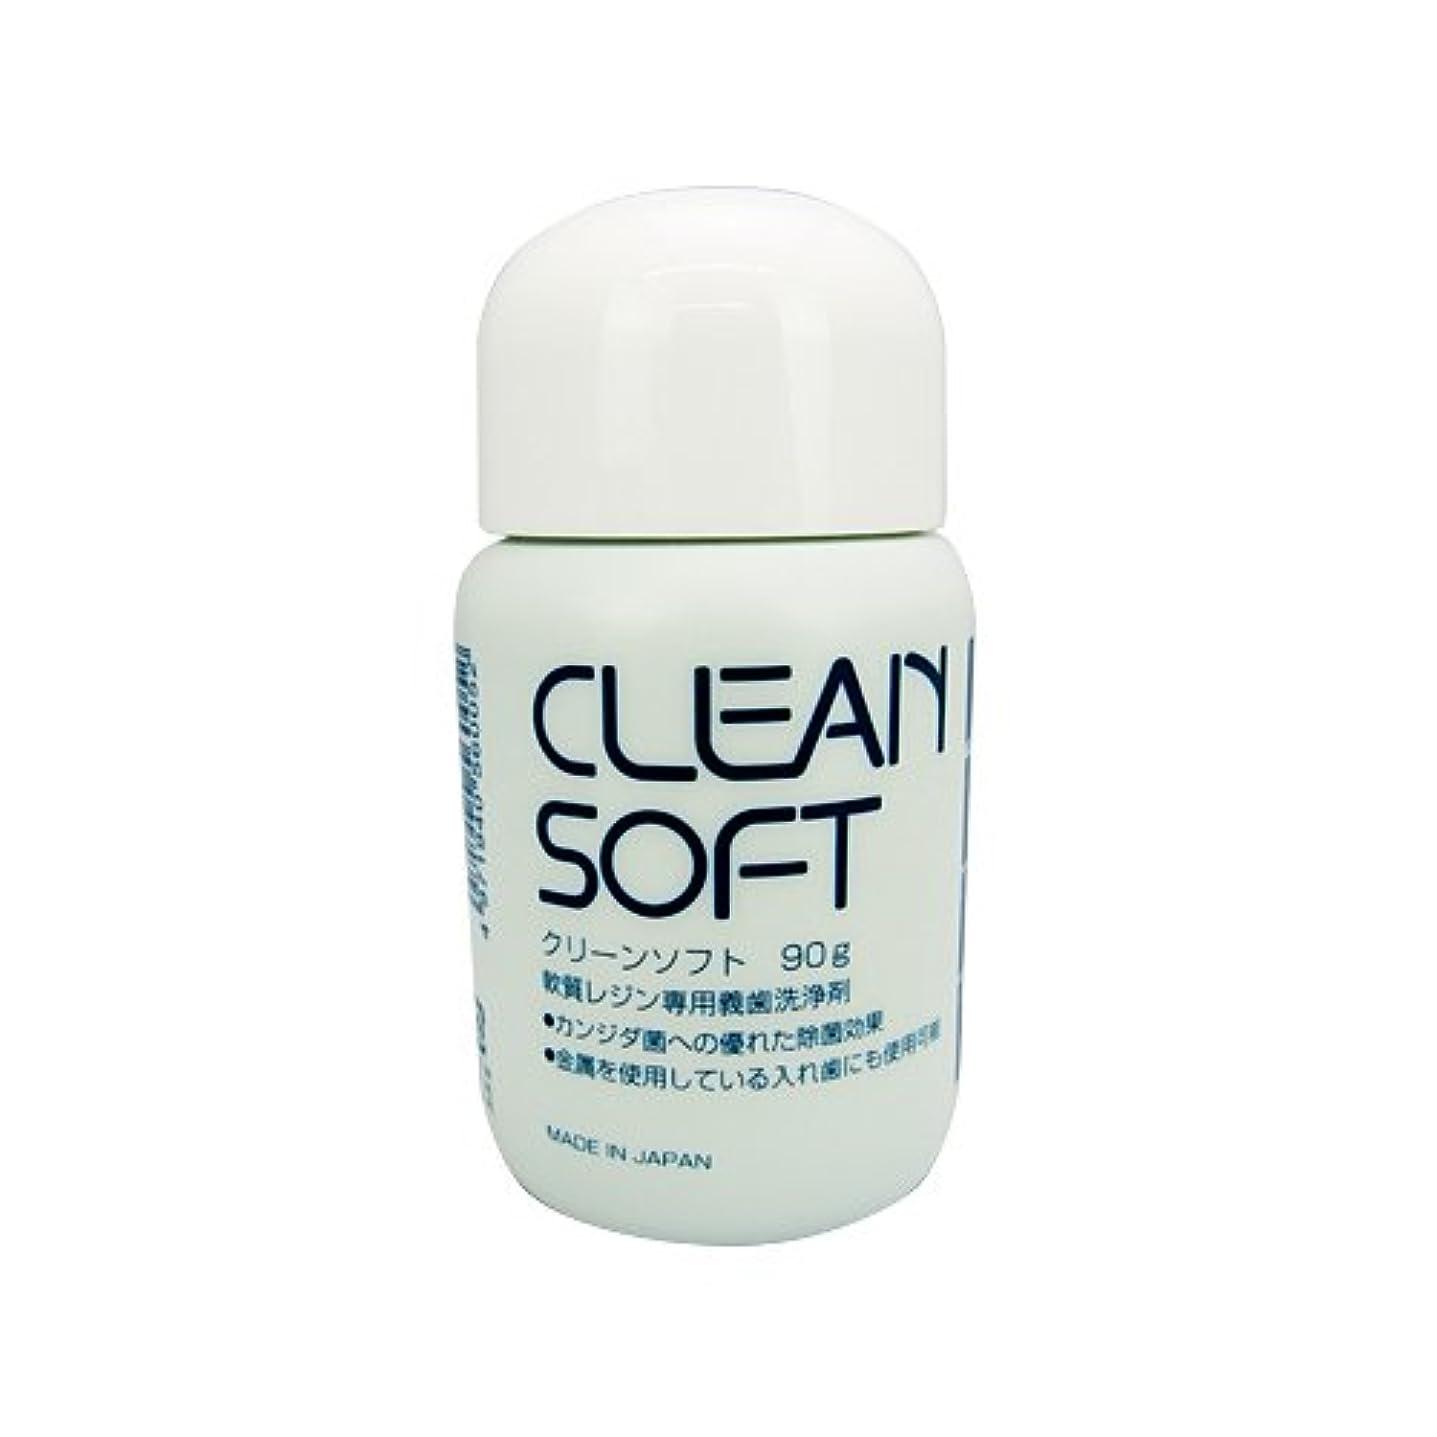 本物のハーフ値するカメミズ クリーンソフト 義歯洗浄剤 90g × 1個